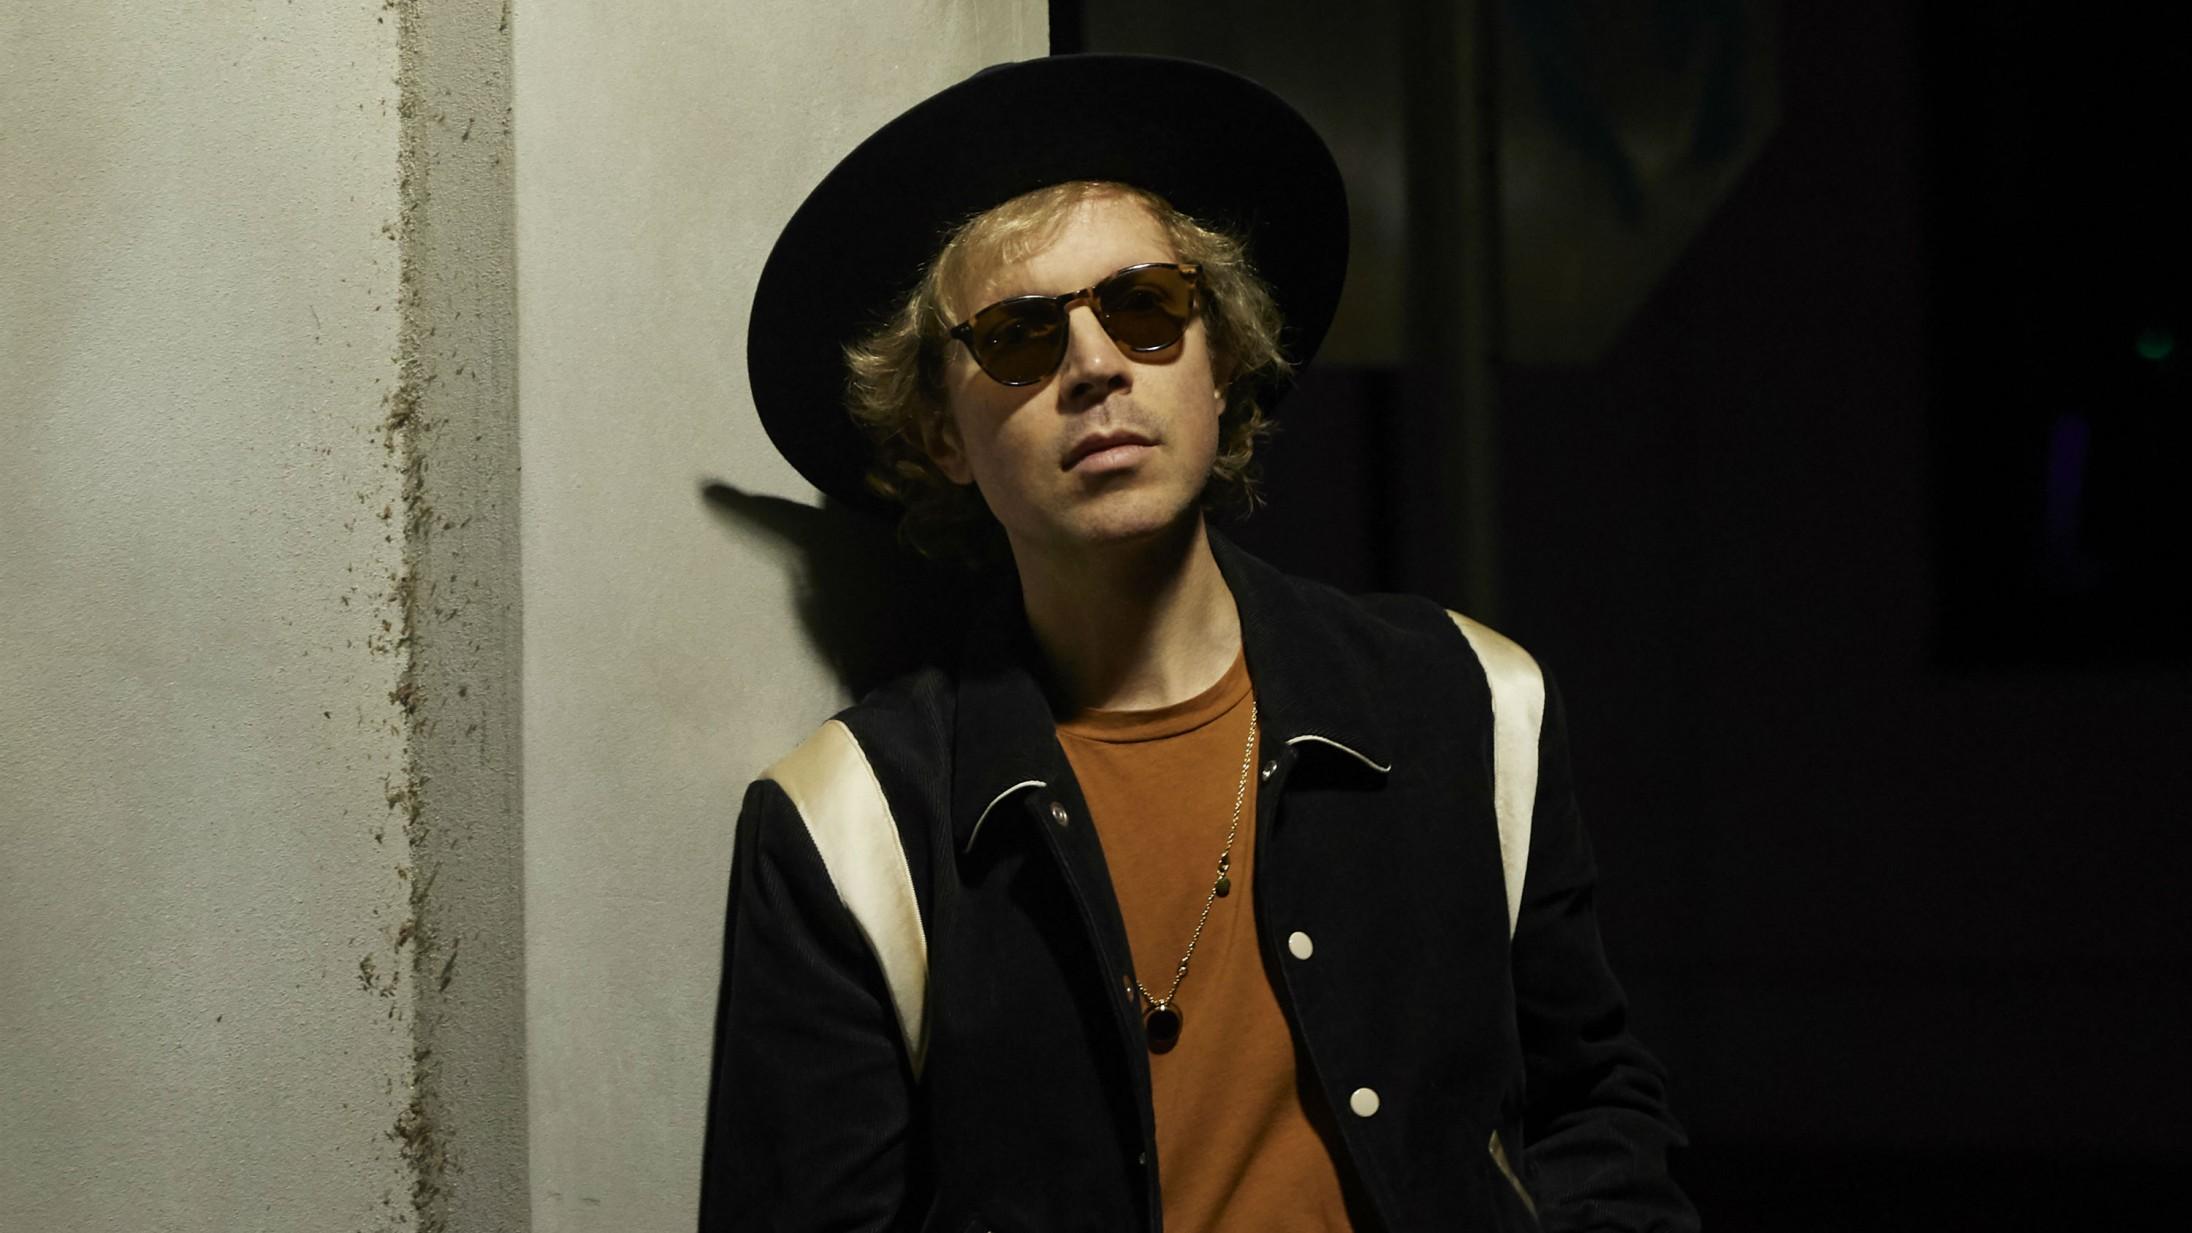 Heartland Festival annoncerer 11 nye navne – blandt andre Beck, Brian Wilson og Cat Power